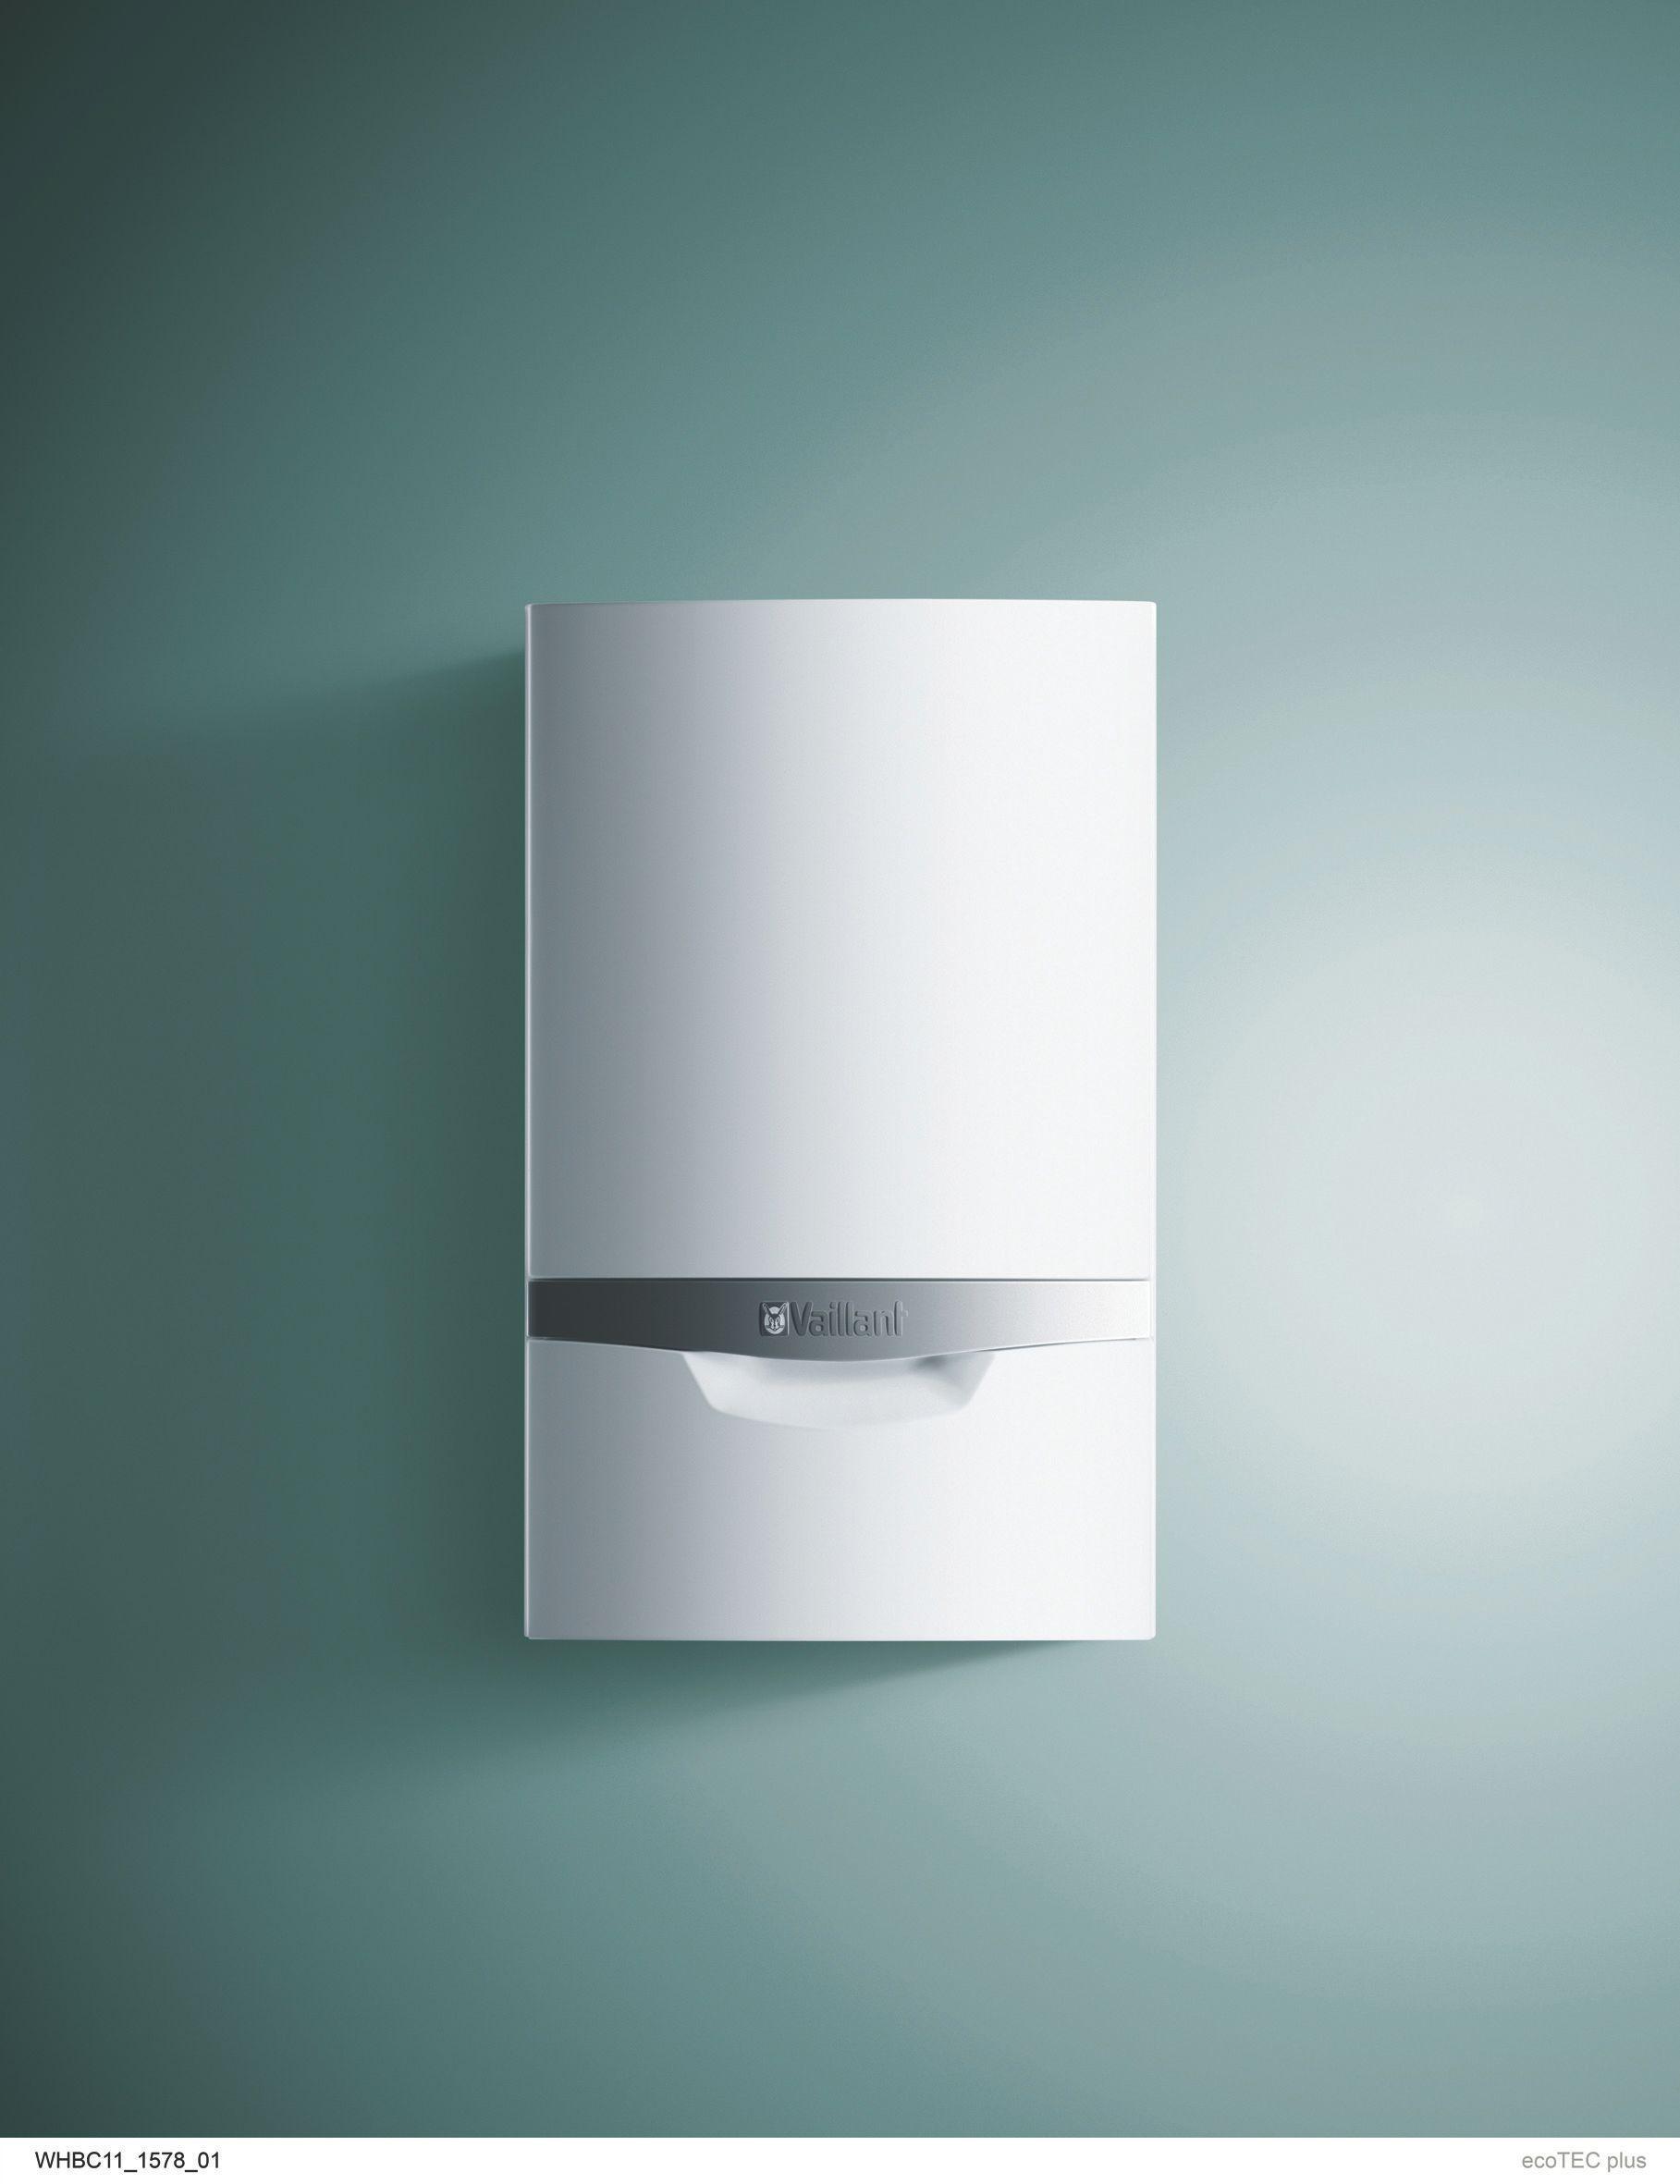 Vaillant ECOTEC PLUS 831 Combi Boiler | Departments | DIY at B&Q